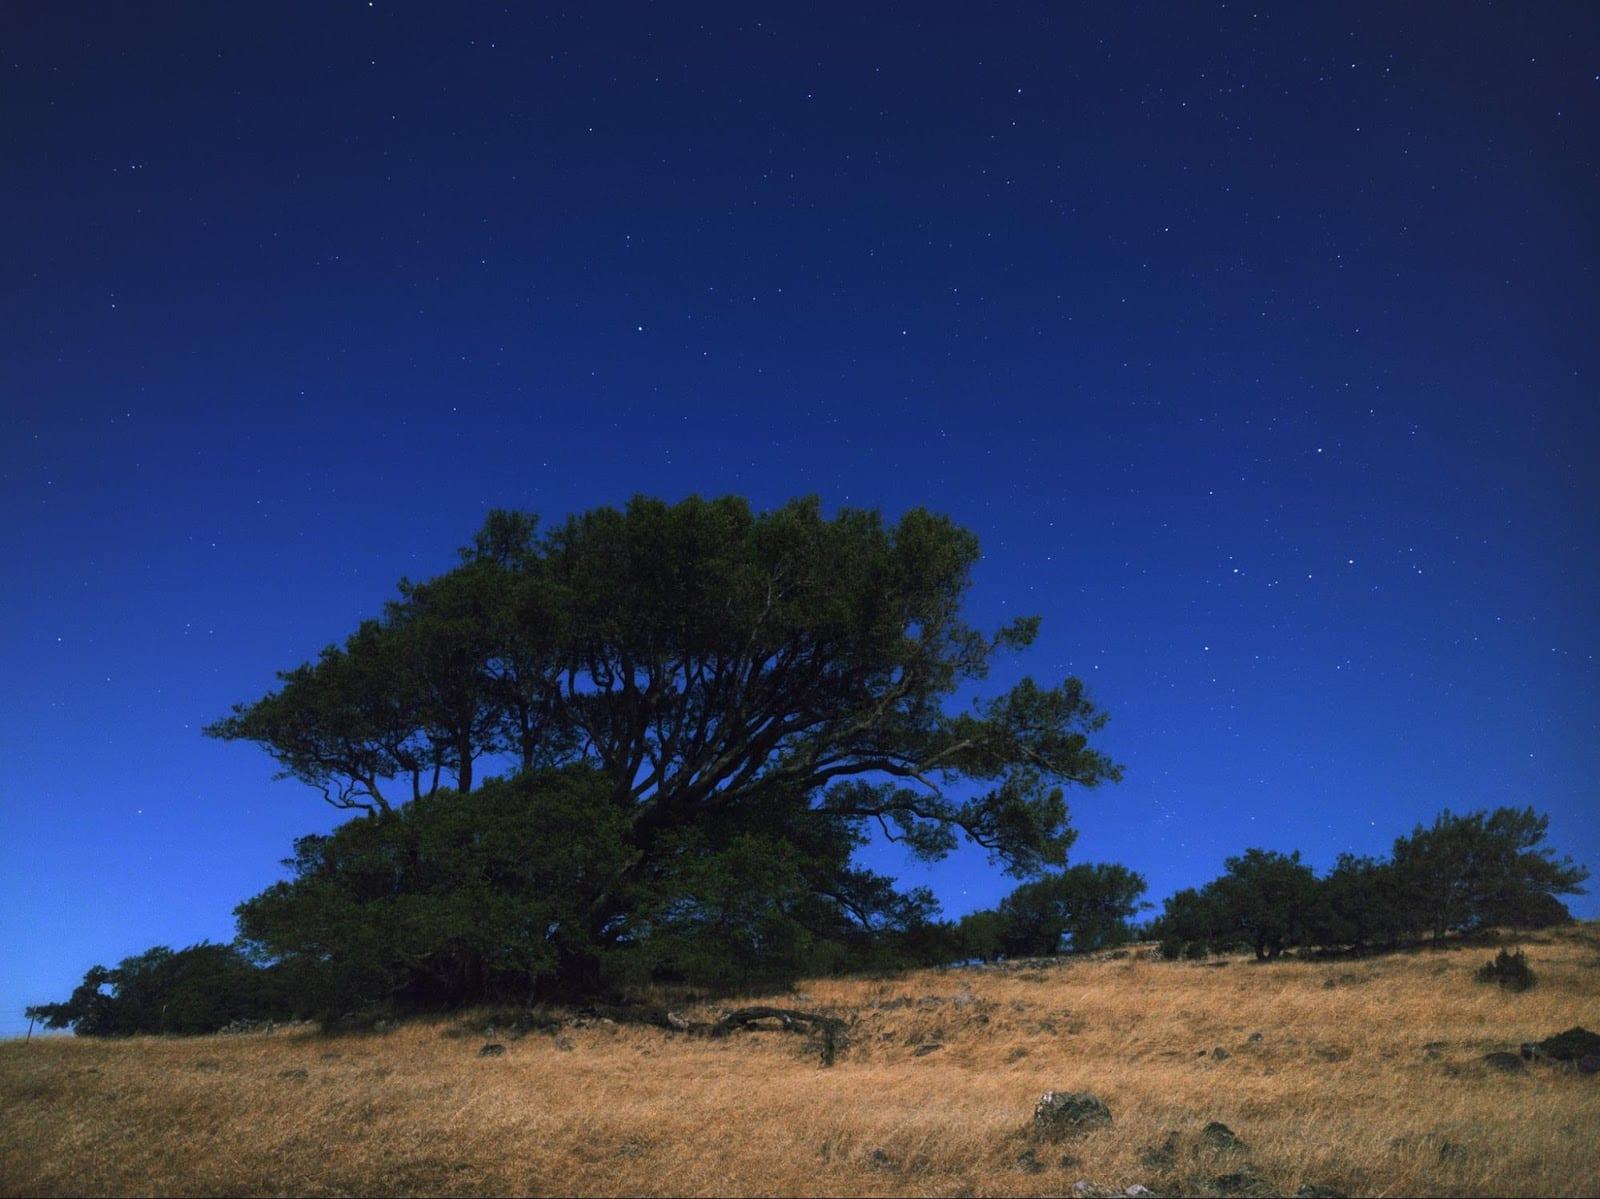 Foto nocturna tomada con el Google Pixel